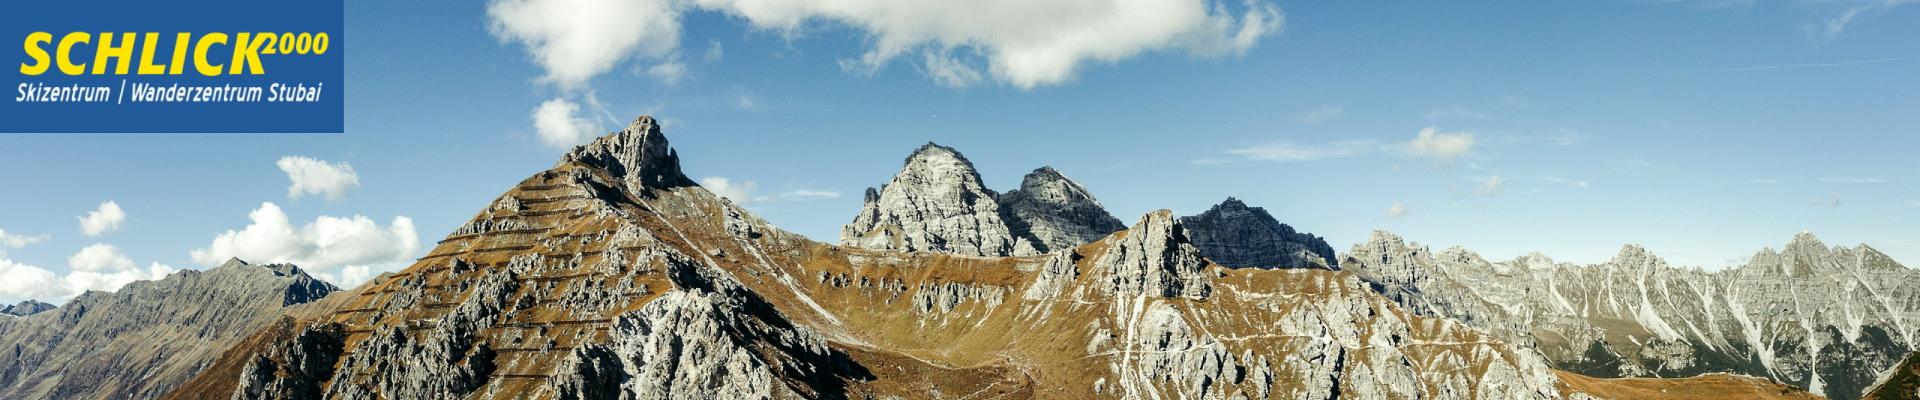 Berggipfel in der Schlick2000